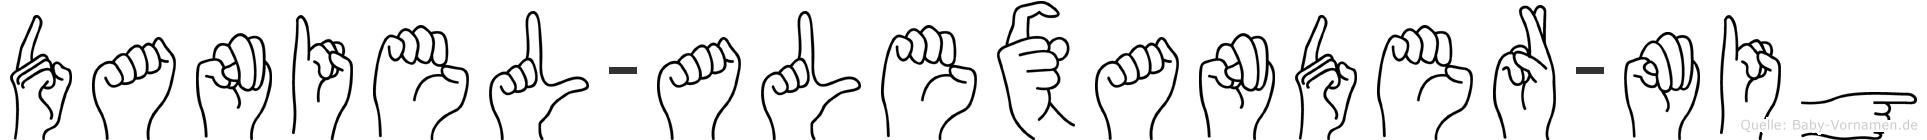 Daniel-Alexander-Mig im Fingeralphabet der Deutschen Gebärdensprache